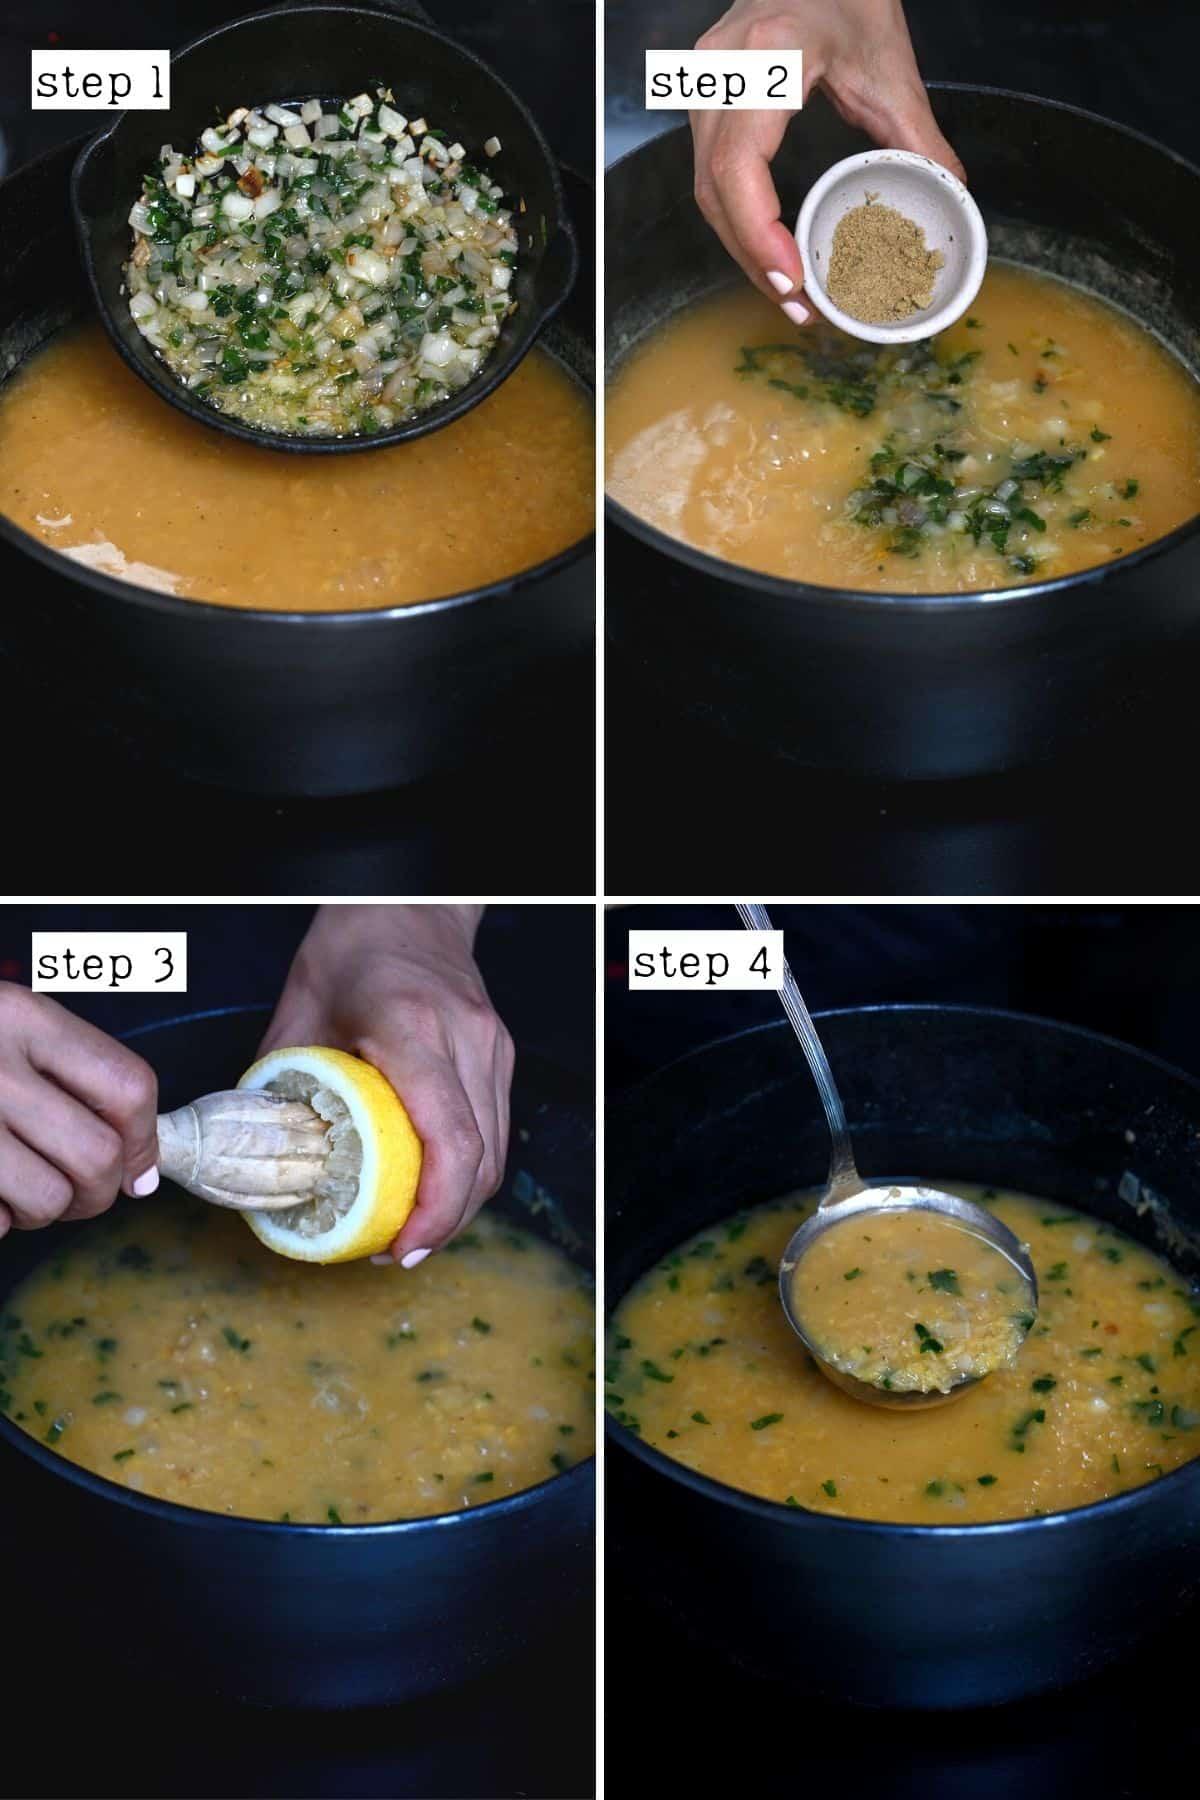 Steps for making red lentil soup